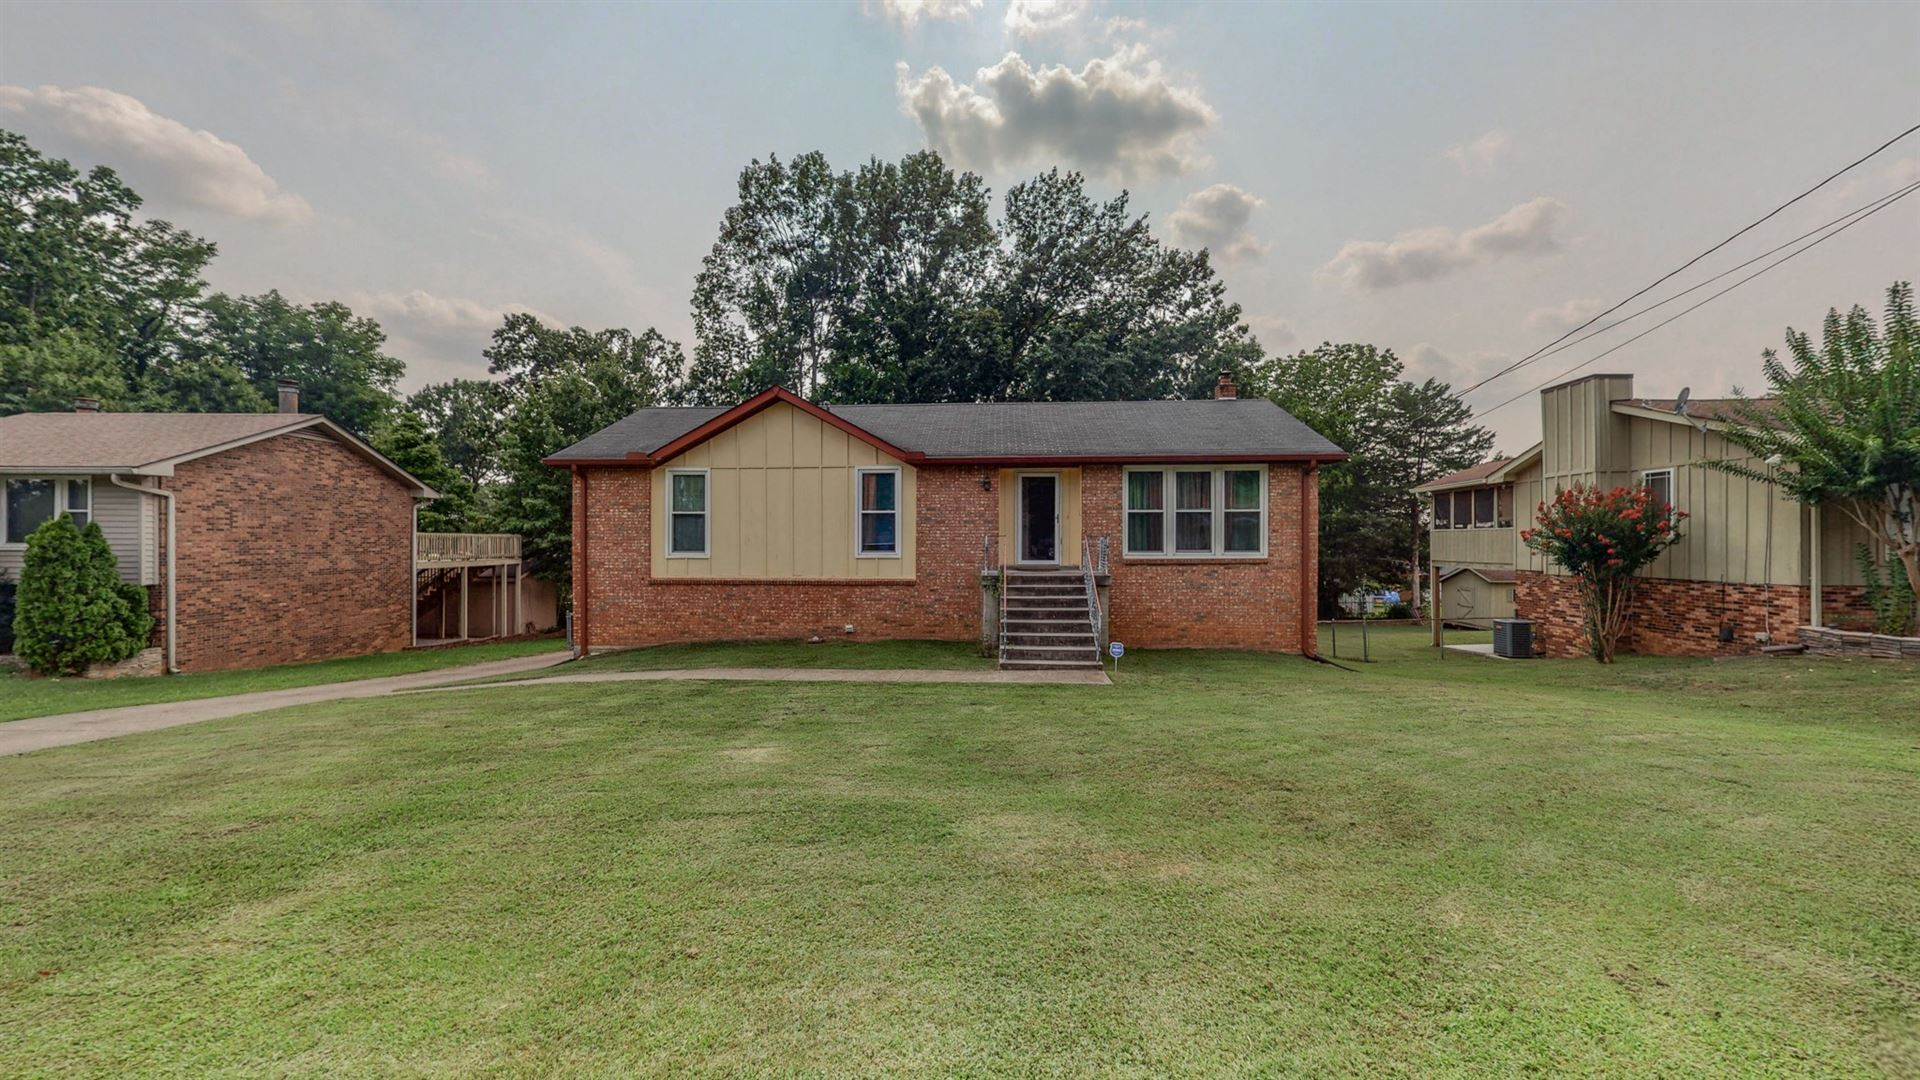 509 Moss Landing Dr, Antioch, TN 37013 - MLS#: 2278404